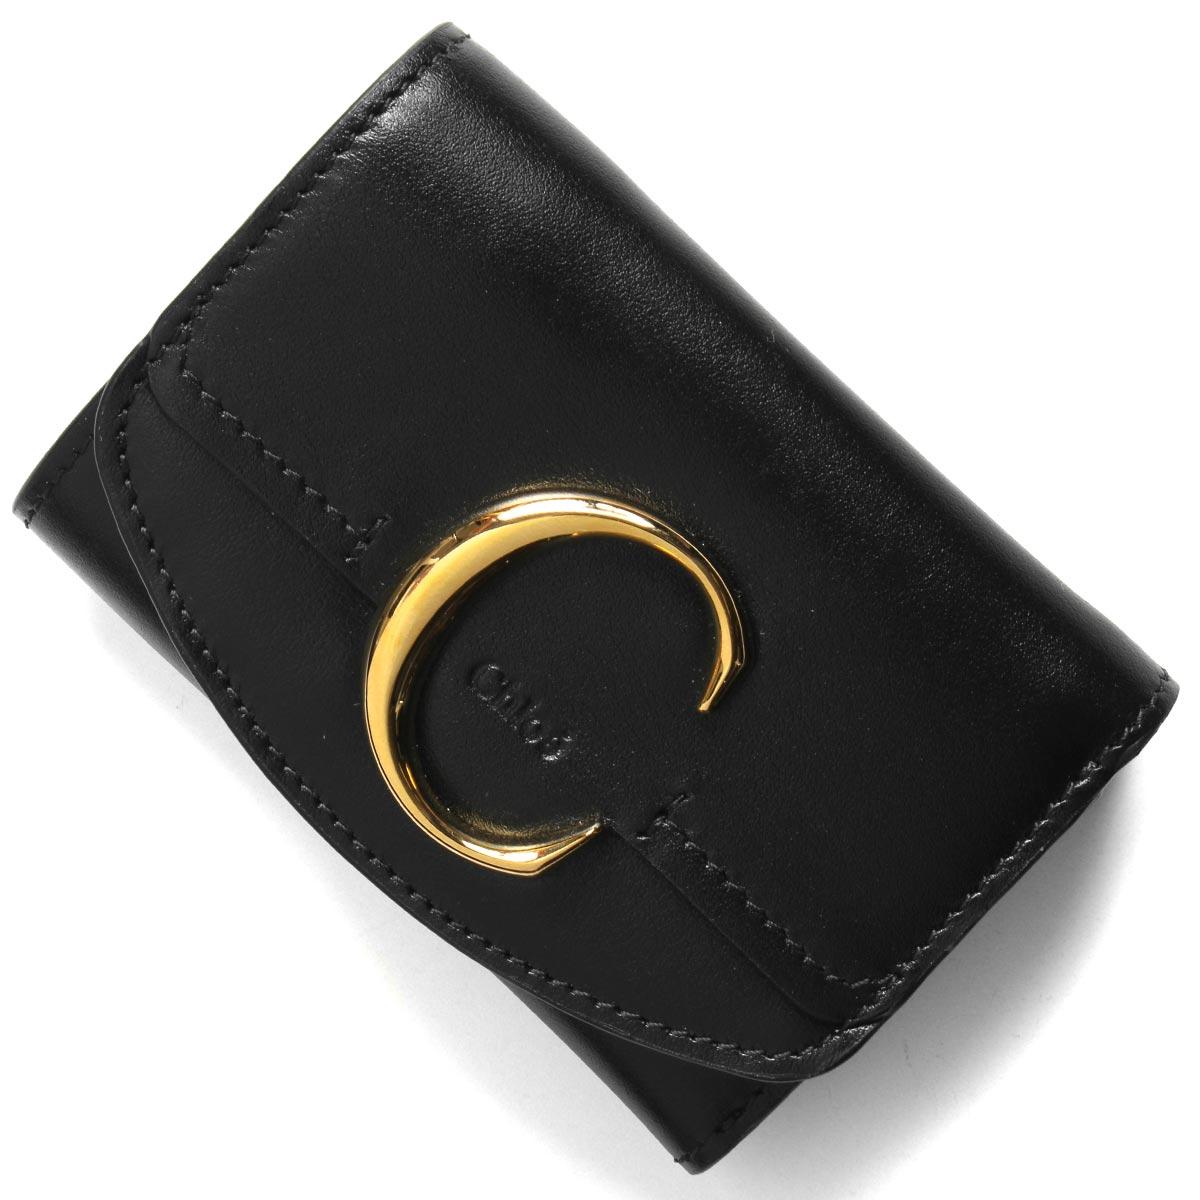 クロエ 三つ折り財布/ミニ財布 財布 レディース クロエ シー ブラック CHC19UP058 A37 001 CHLOE